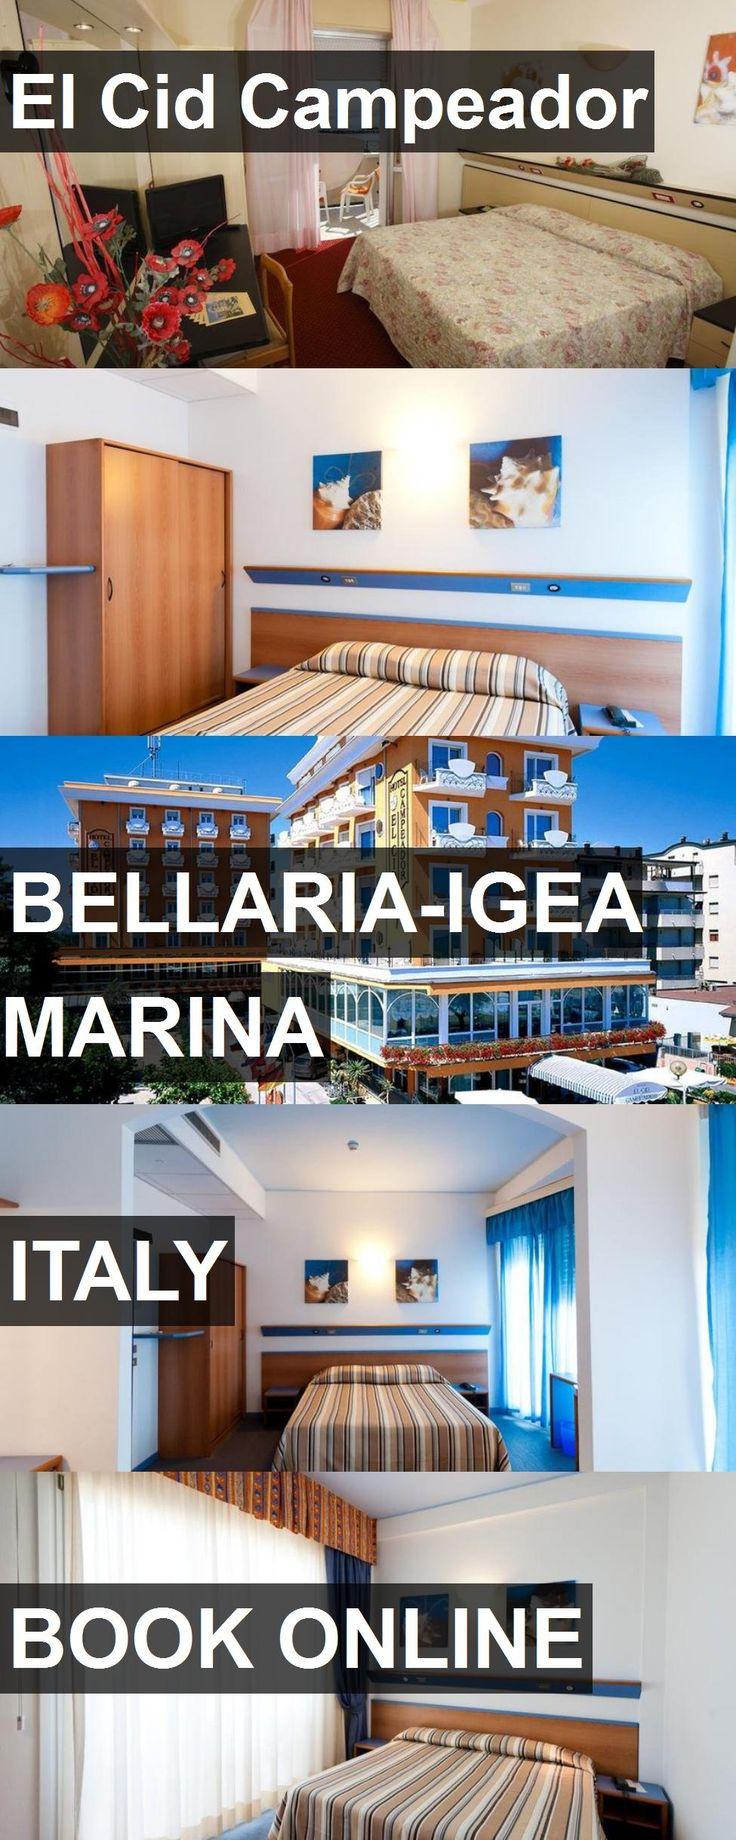 Hotel El Cid Campeador in BellariaIgea Marina, Italy. For